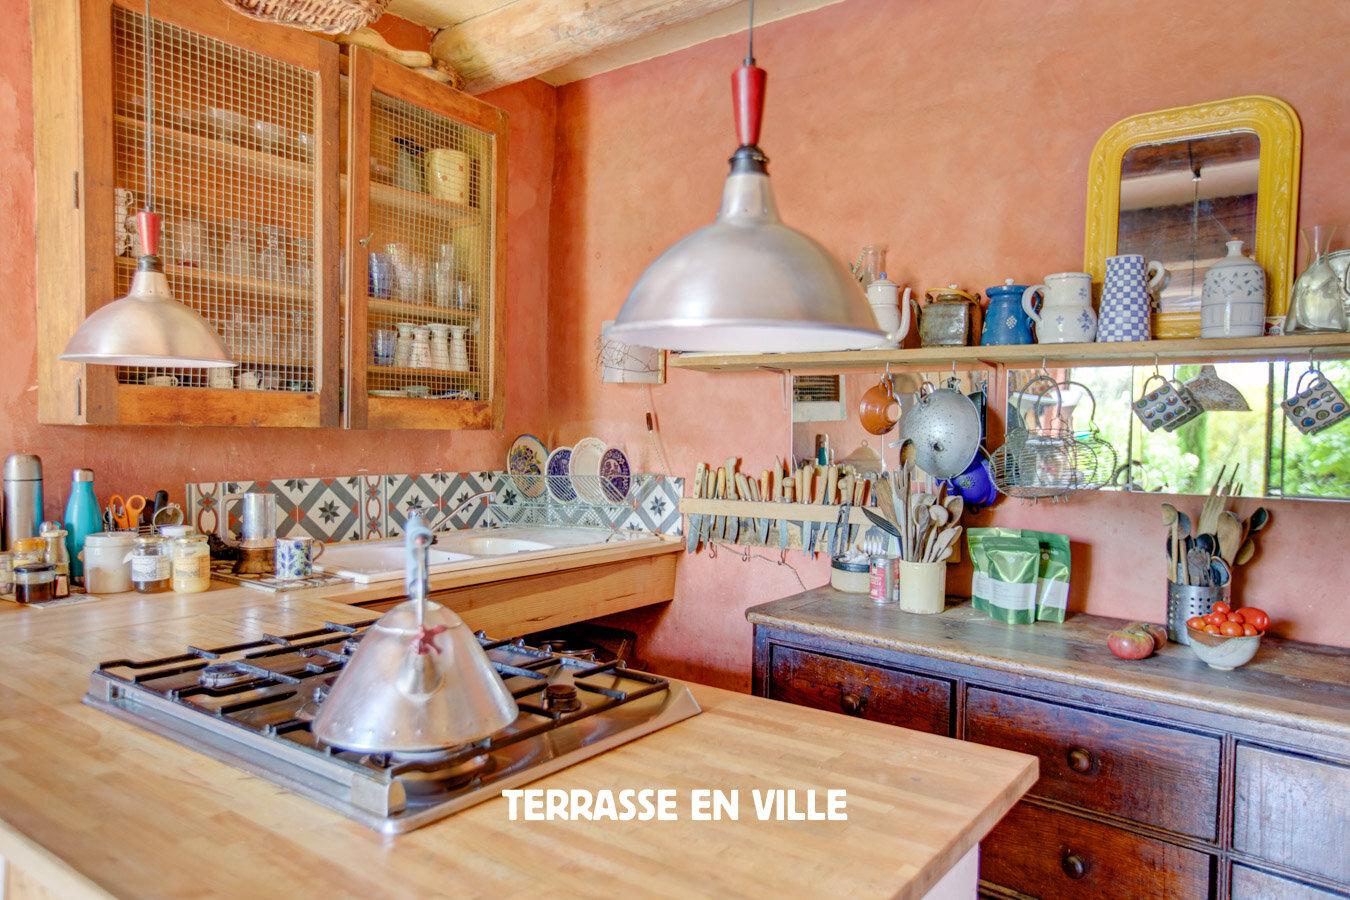 TERRASSE EN VILLE-3.jpg